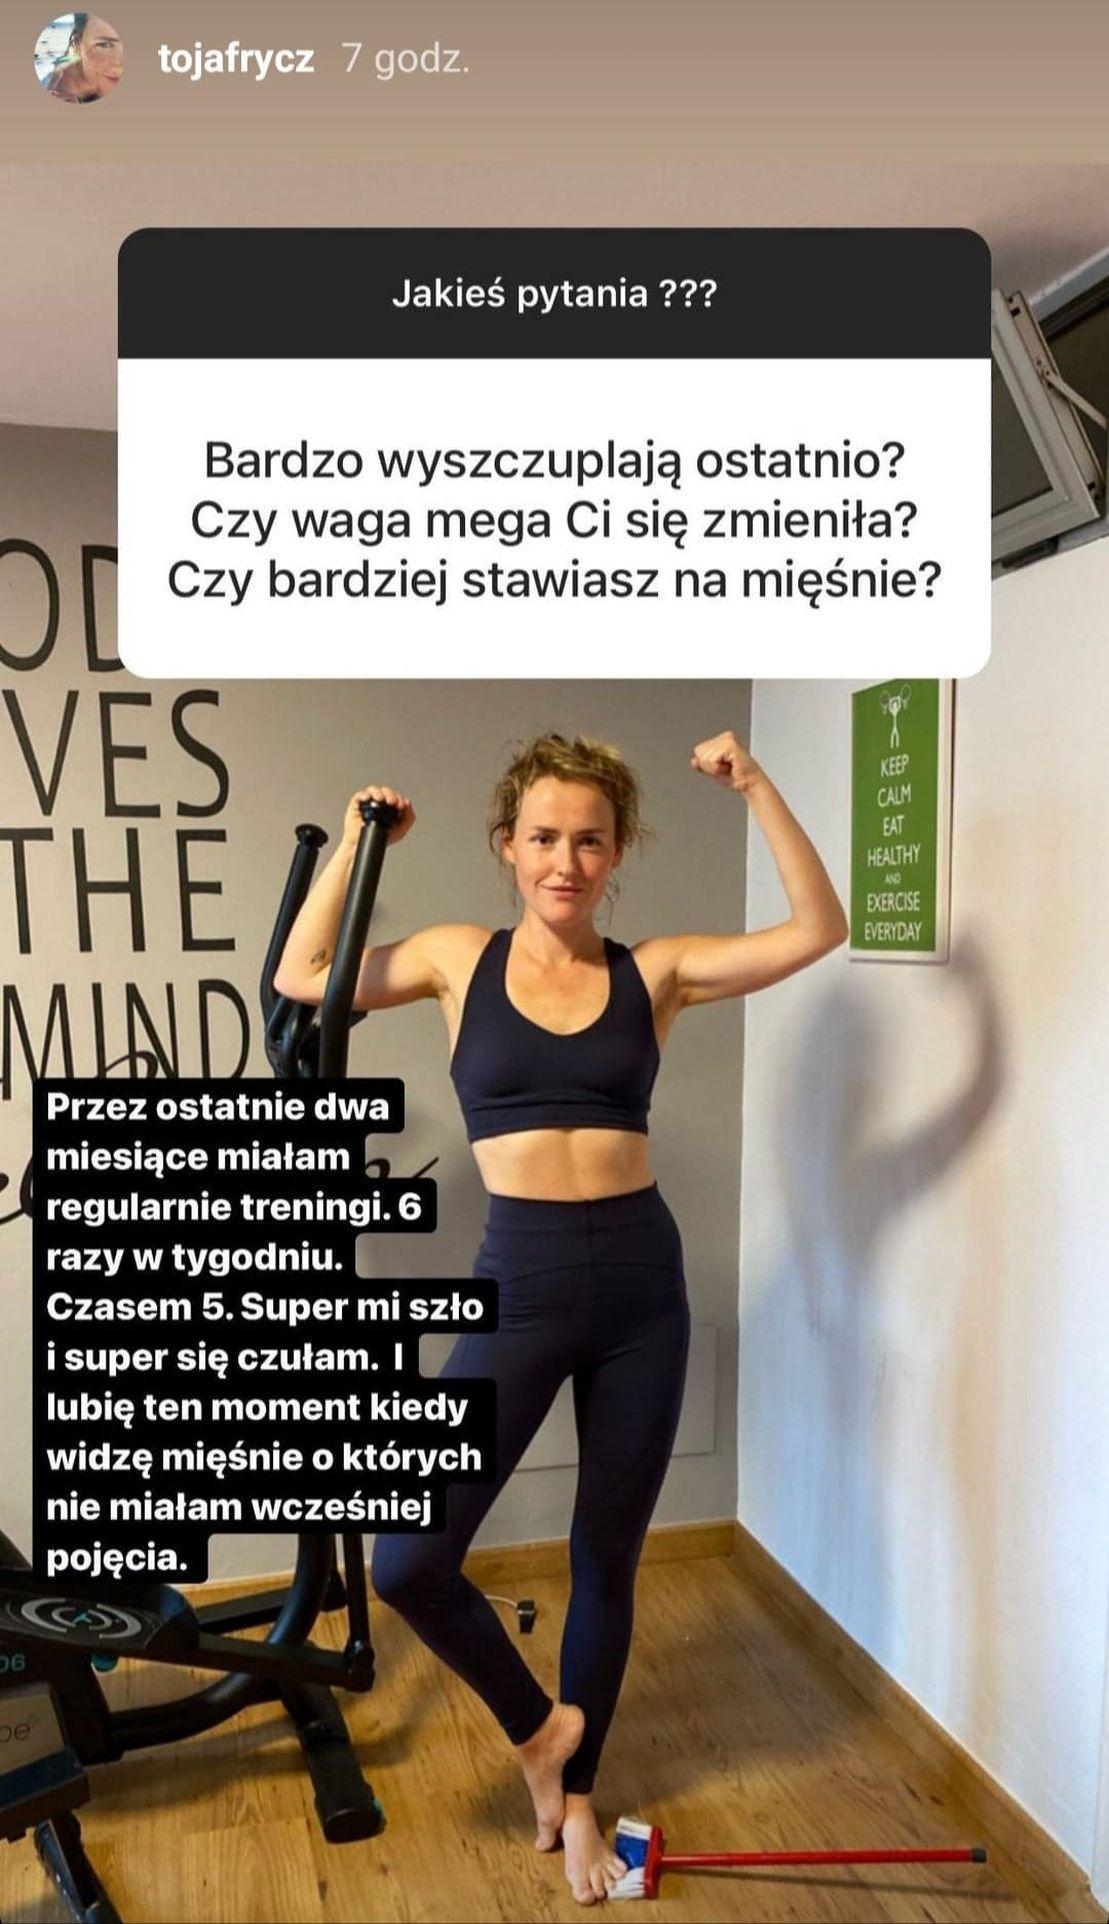 Olga Frycz o swoich treningach